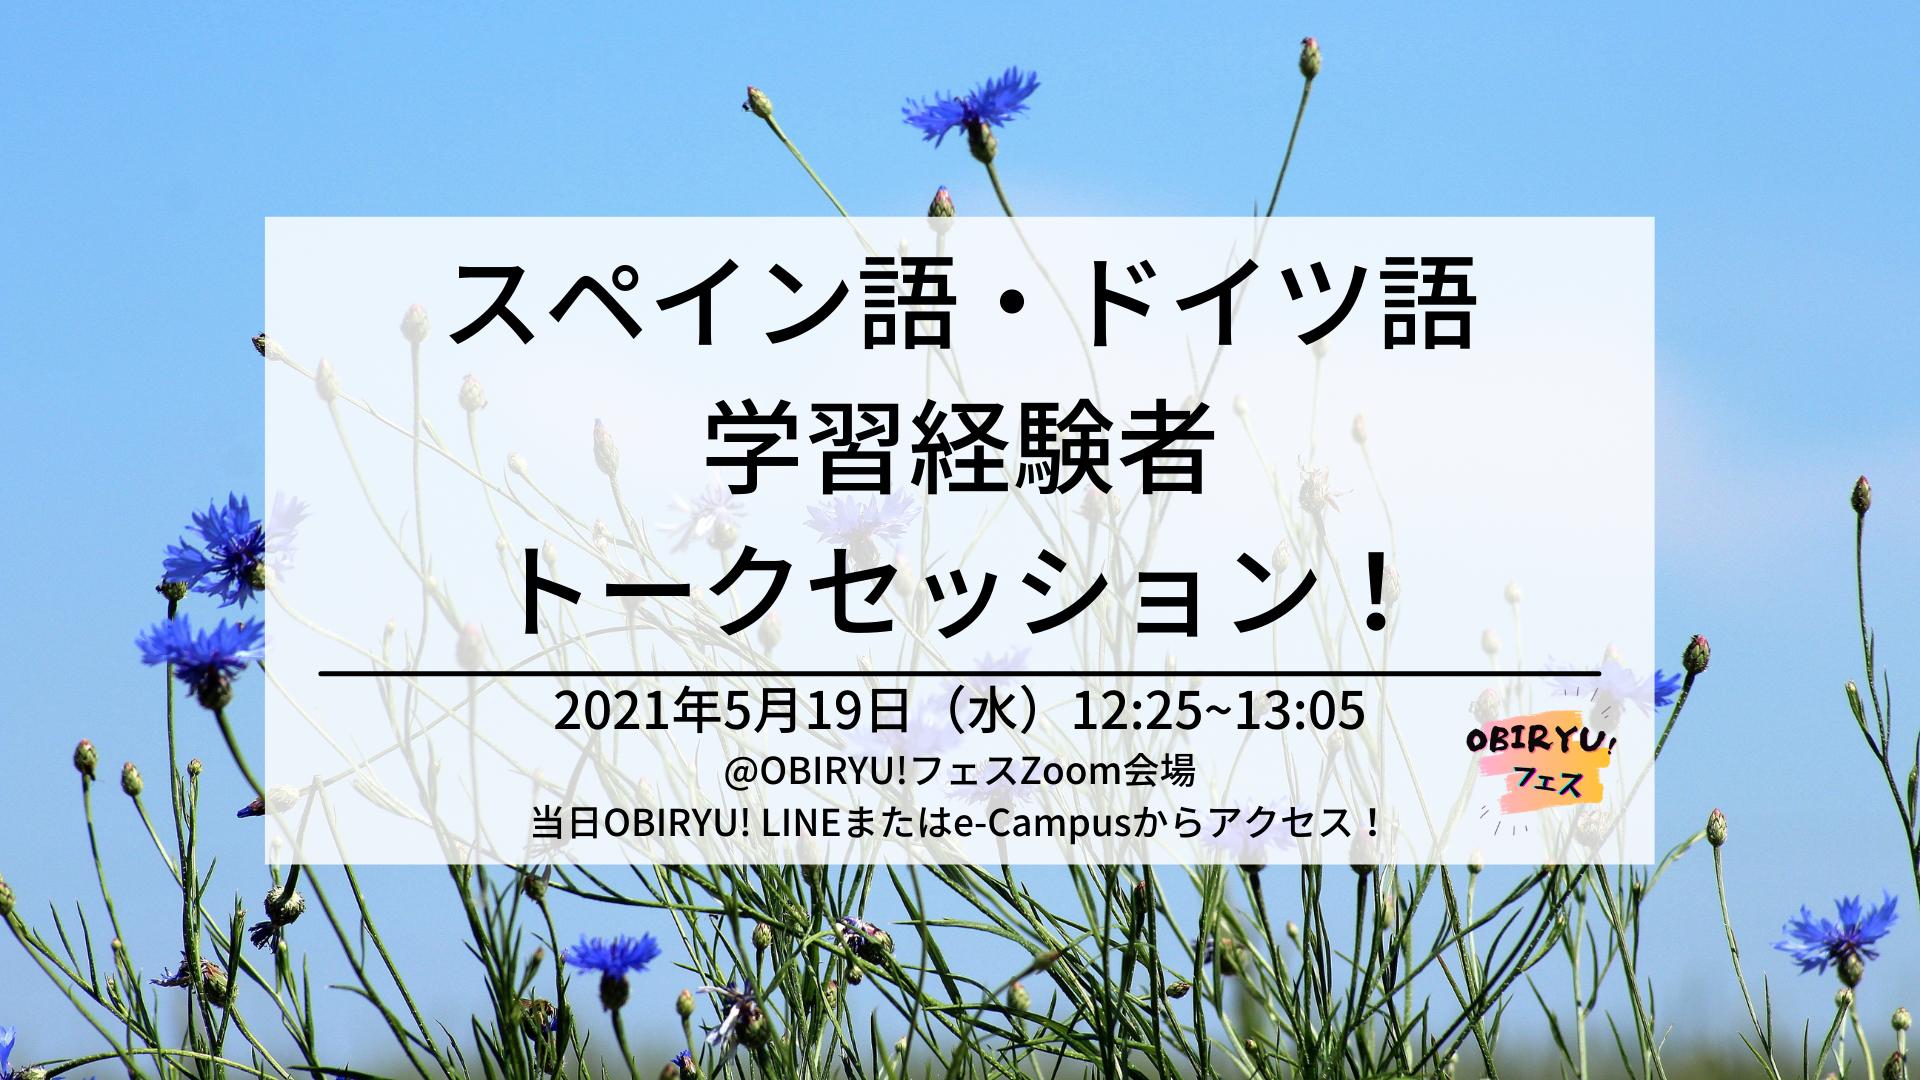 【イベント】5/19 スペイン語・ドイツ語学習者トークセッション!